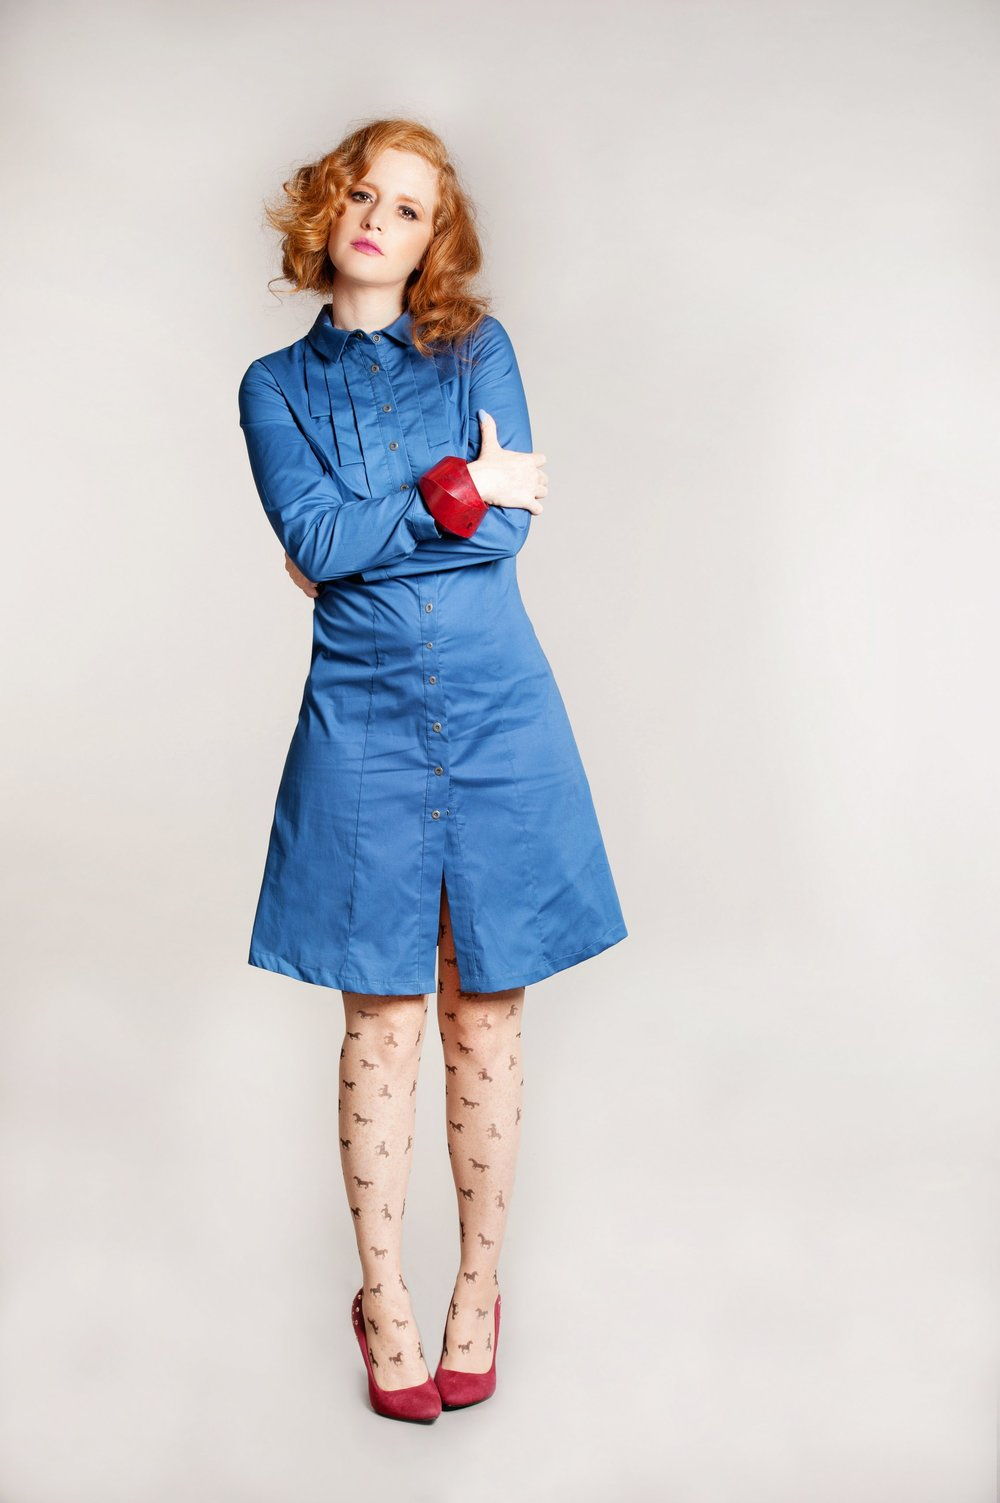 טלי אימבר קולקציית חורף שמלה מחוייטת   549 שח צילום גלית דויטש (Copy).jpg